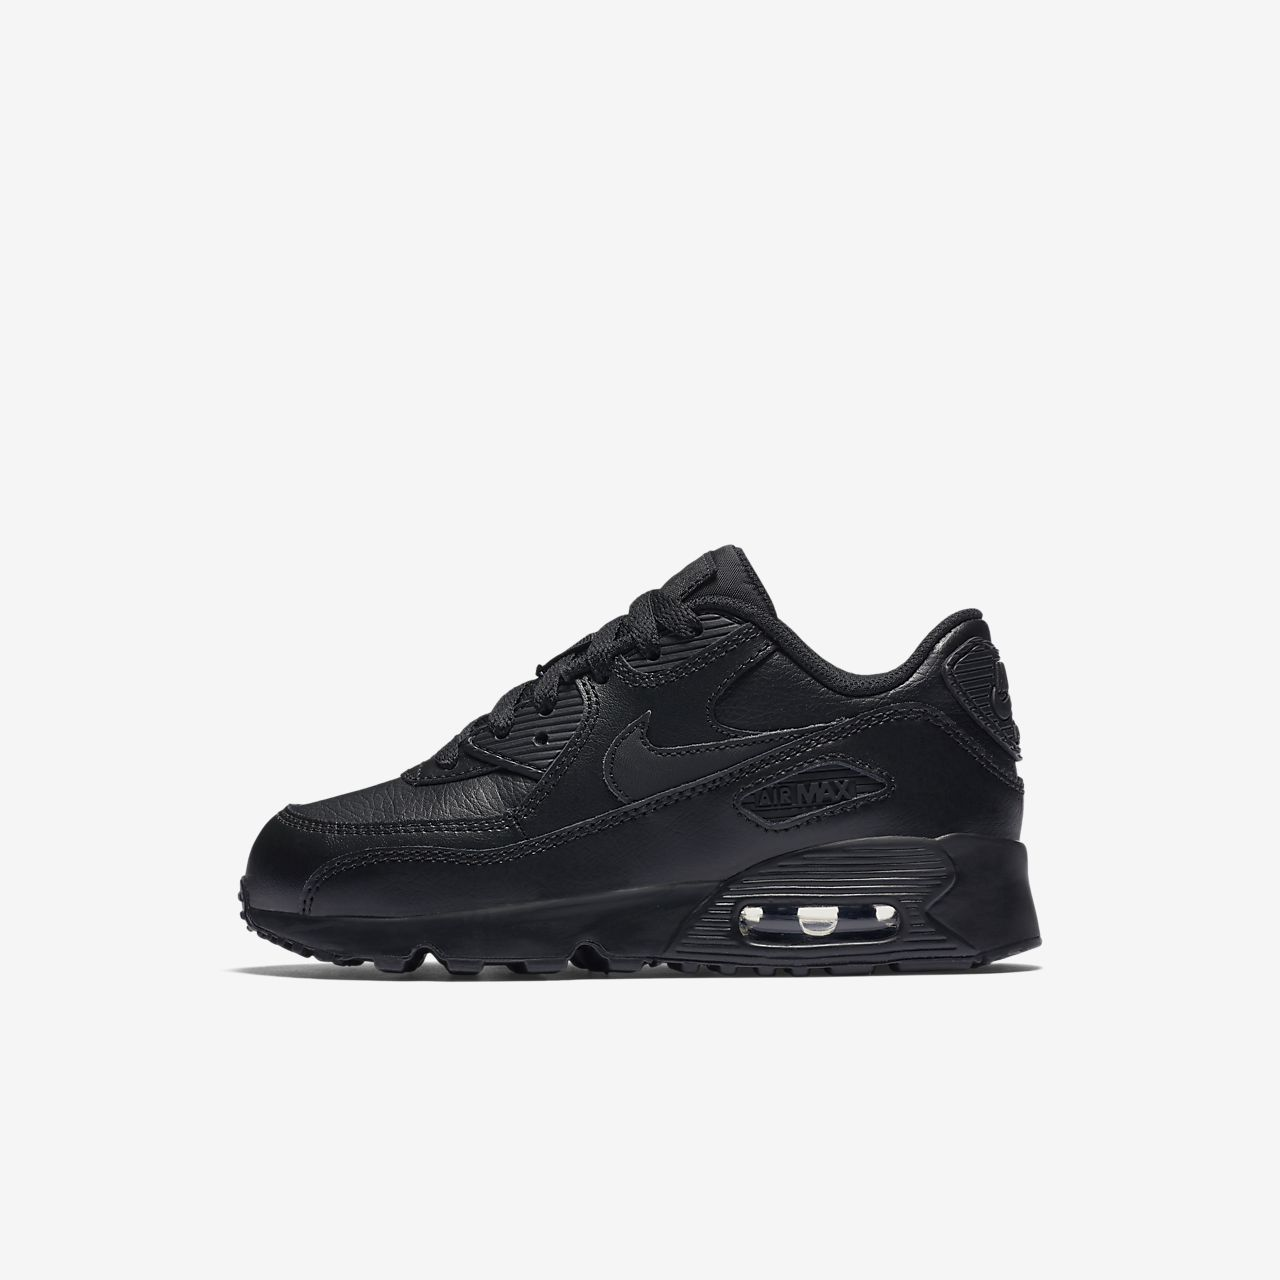 Nike Air Max 90 Leather Schuh für jüngere Kinder